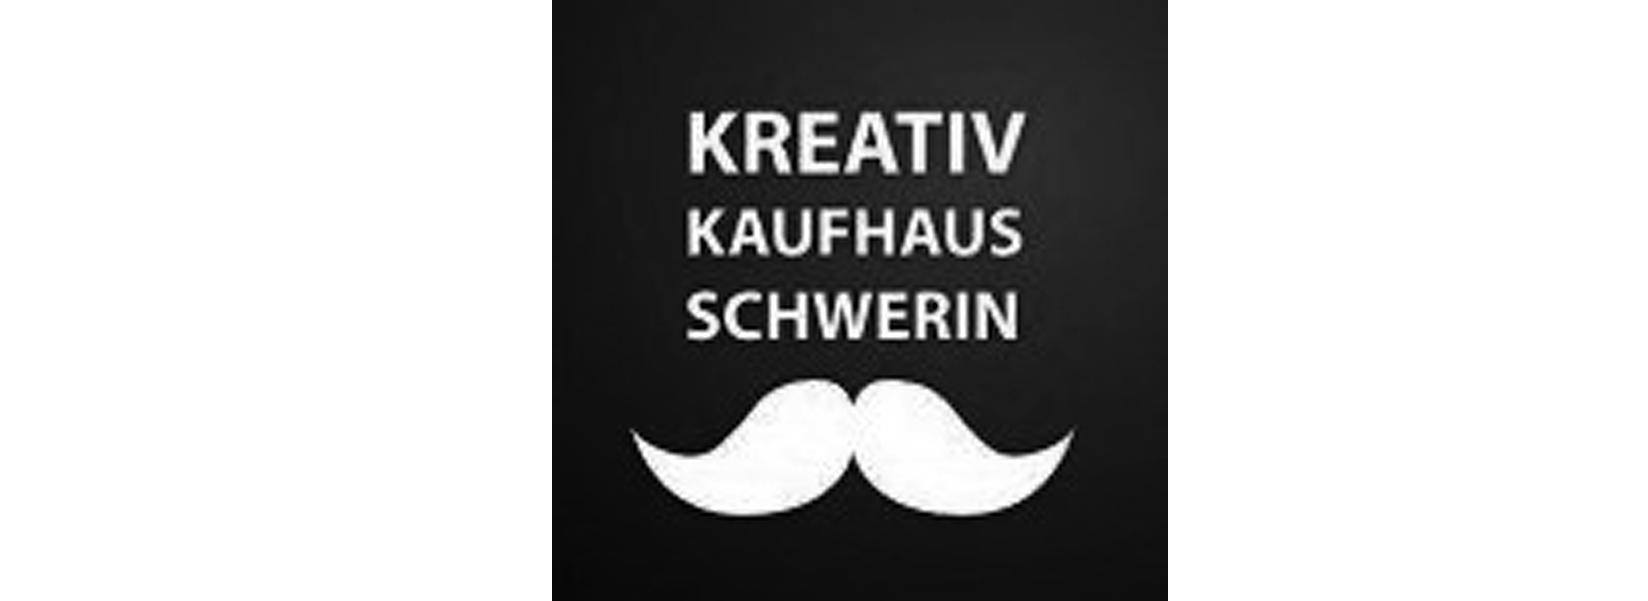 kreativ-kaufhaus-schwerin2